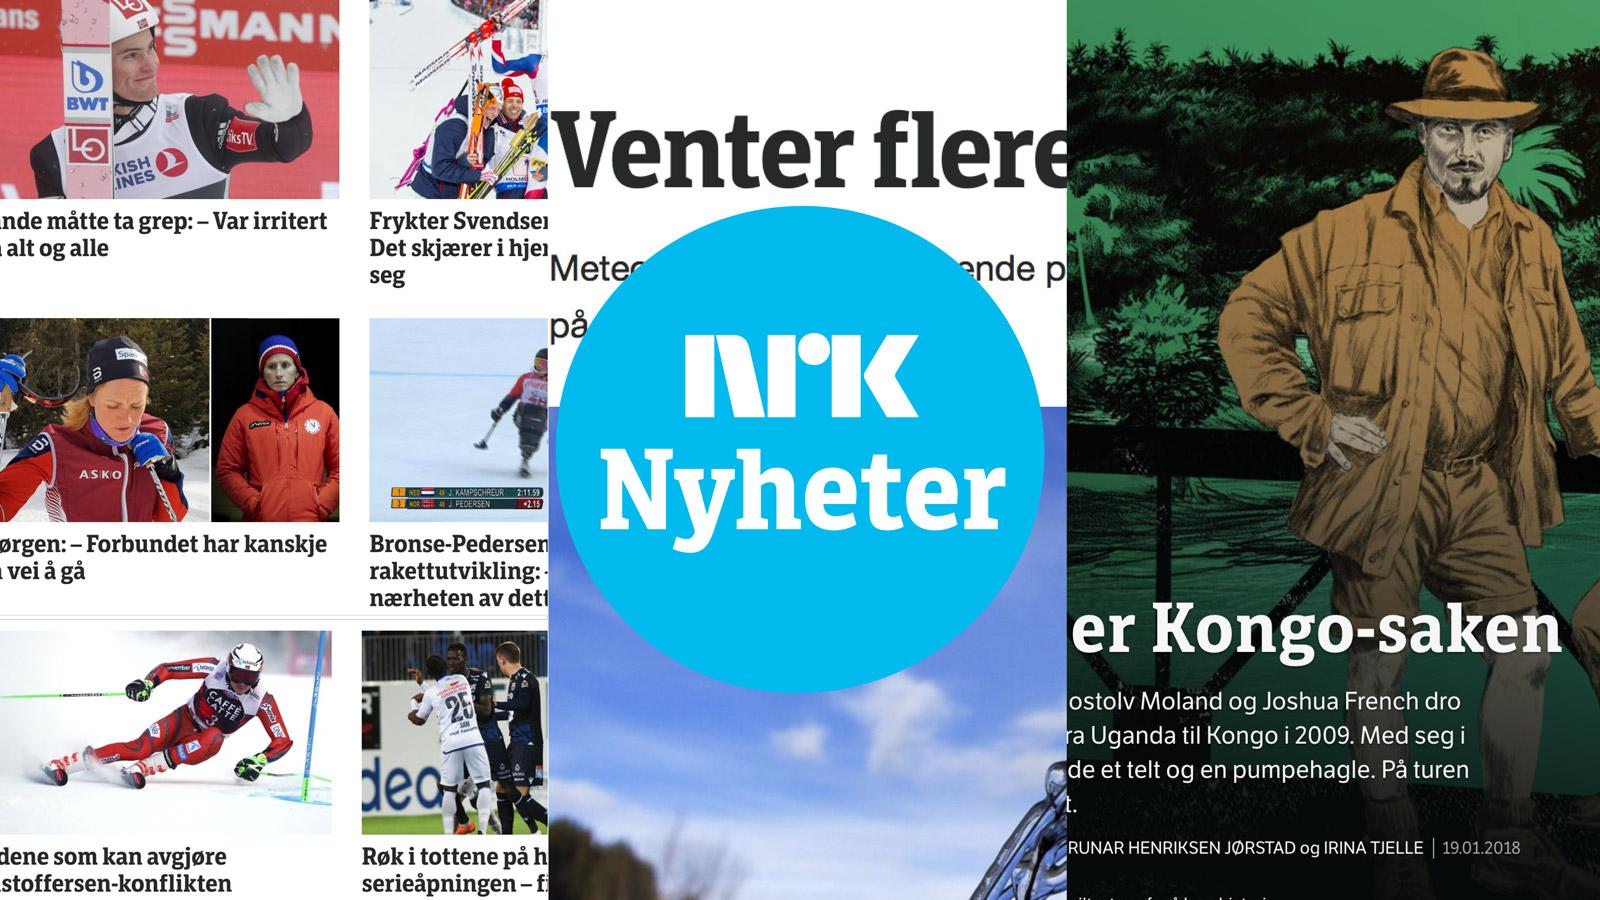 NRK custom font